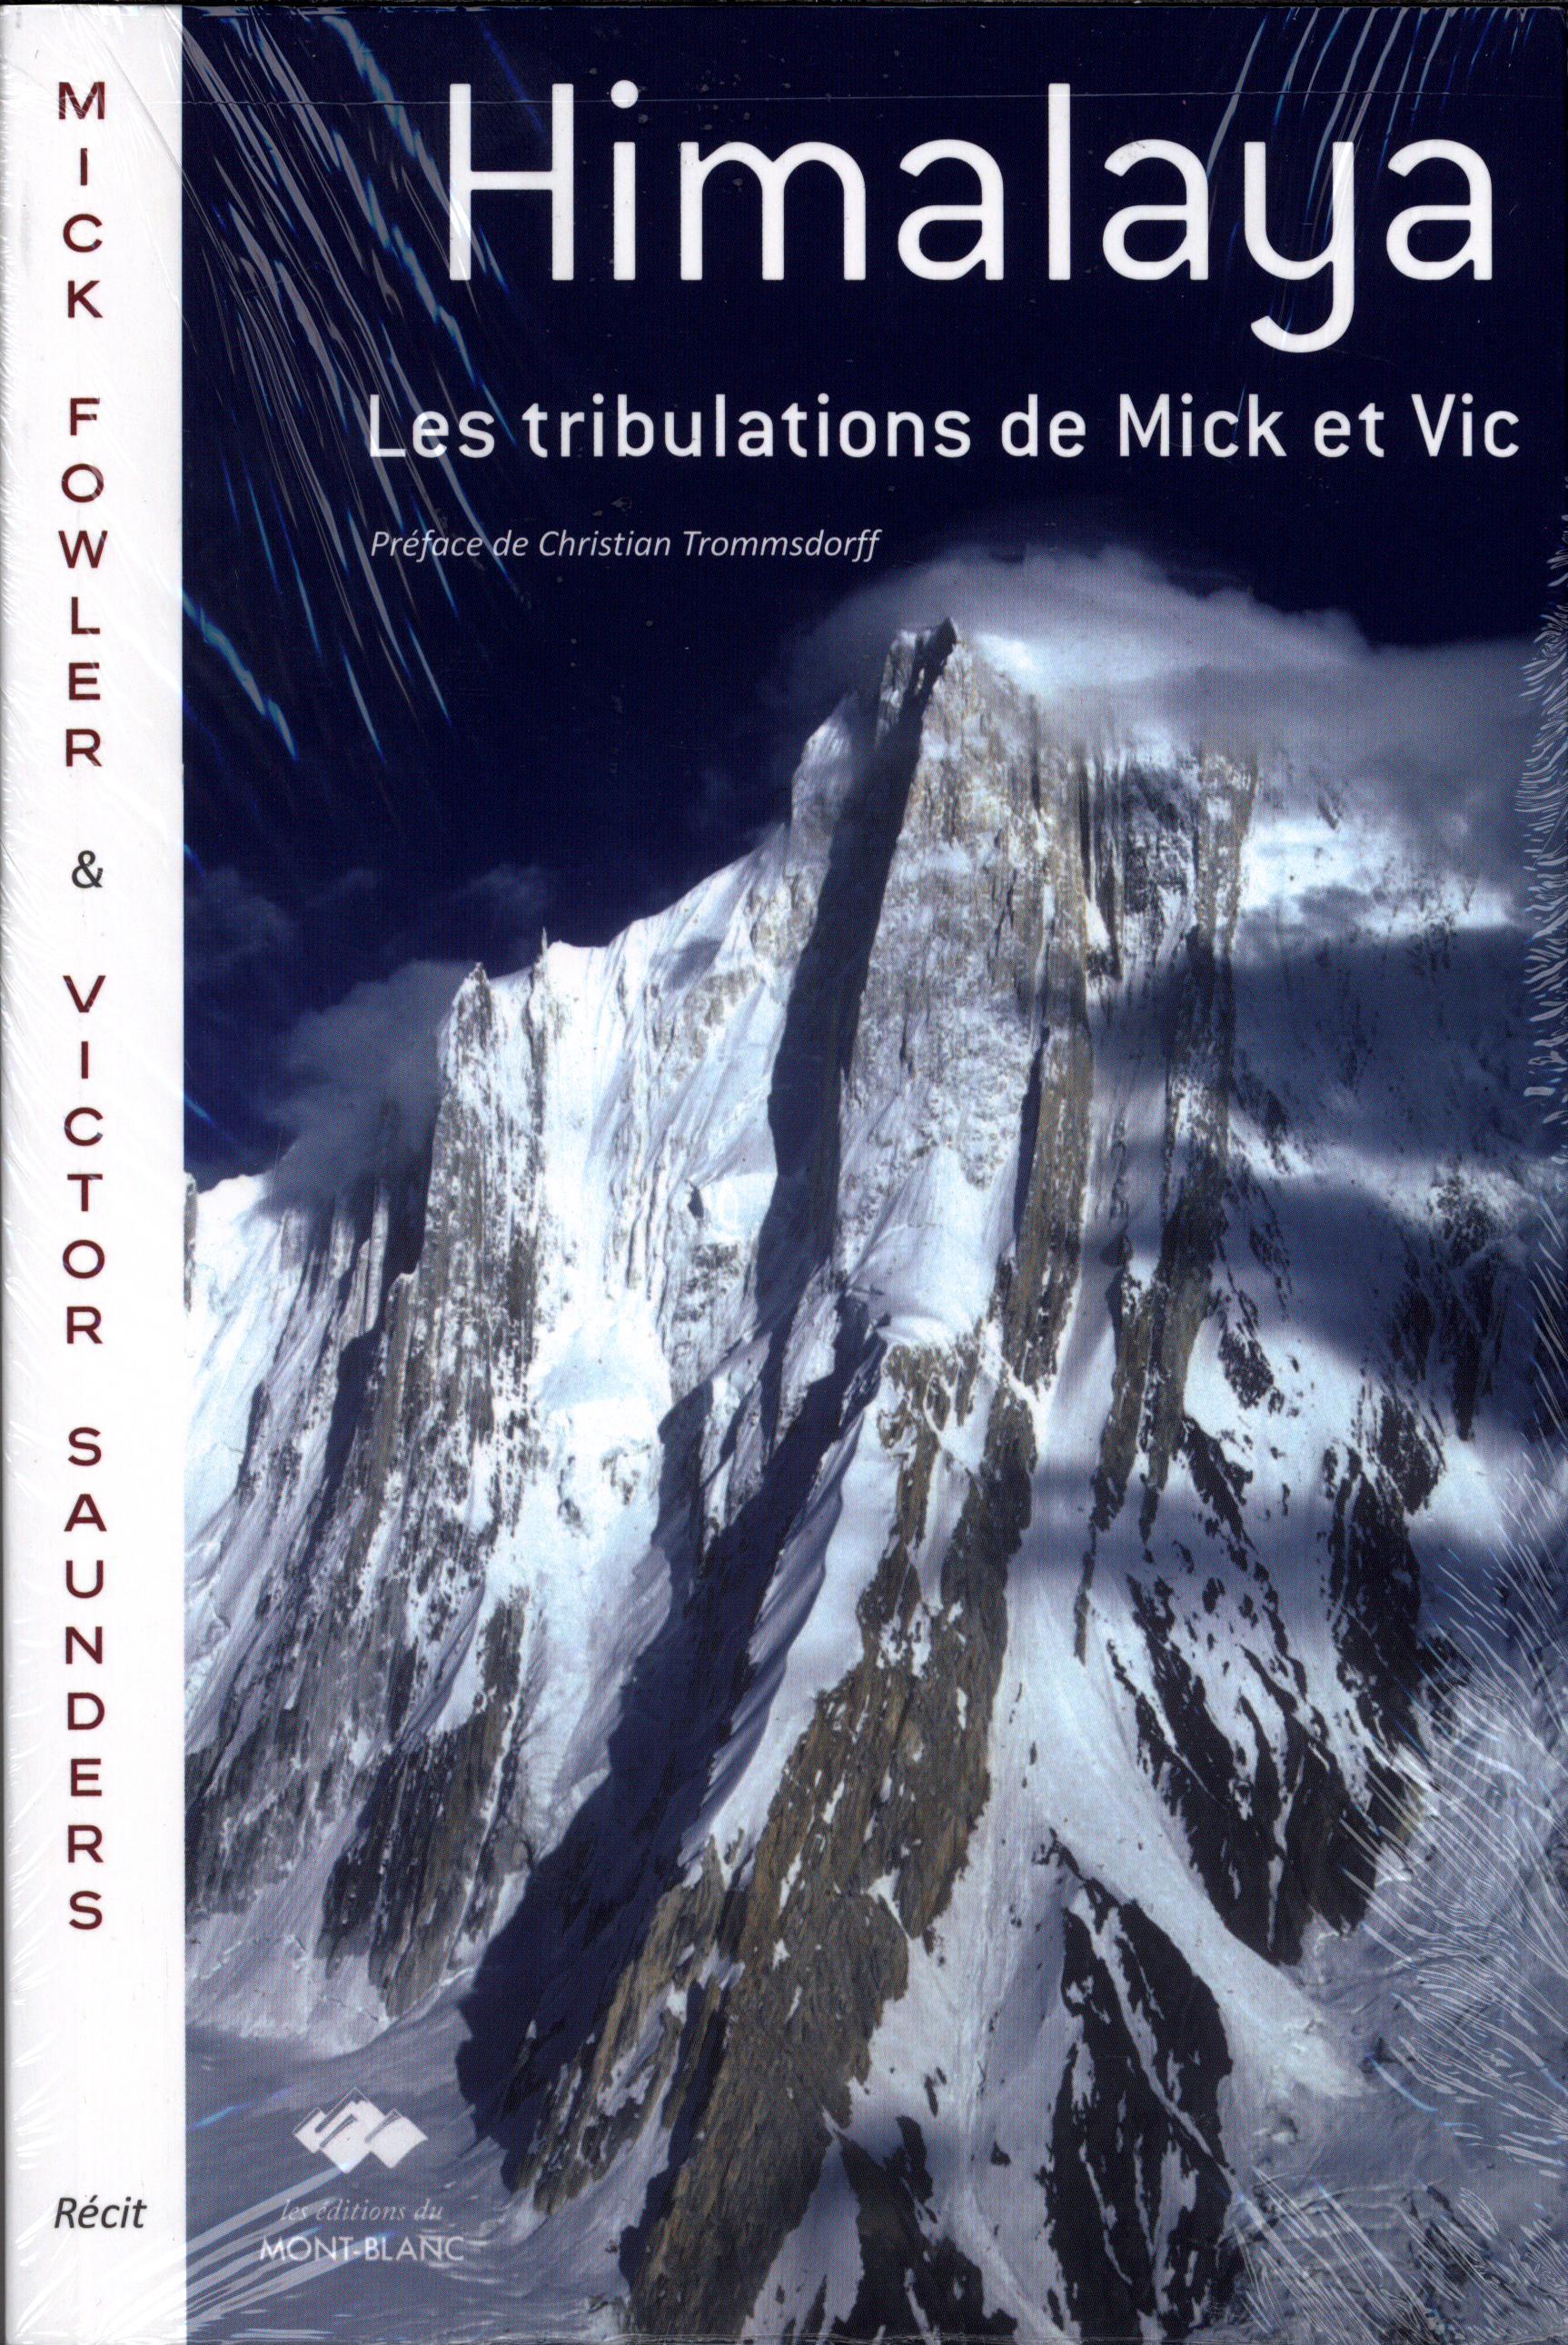 HIMALAYA LES TRIBULATIONS DE MICK ET VIC